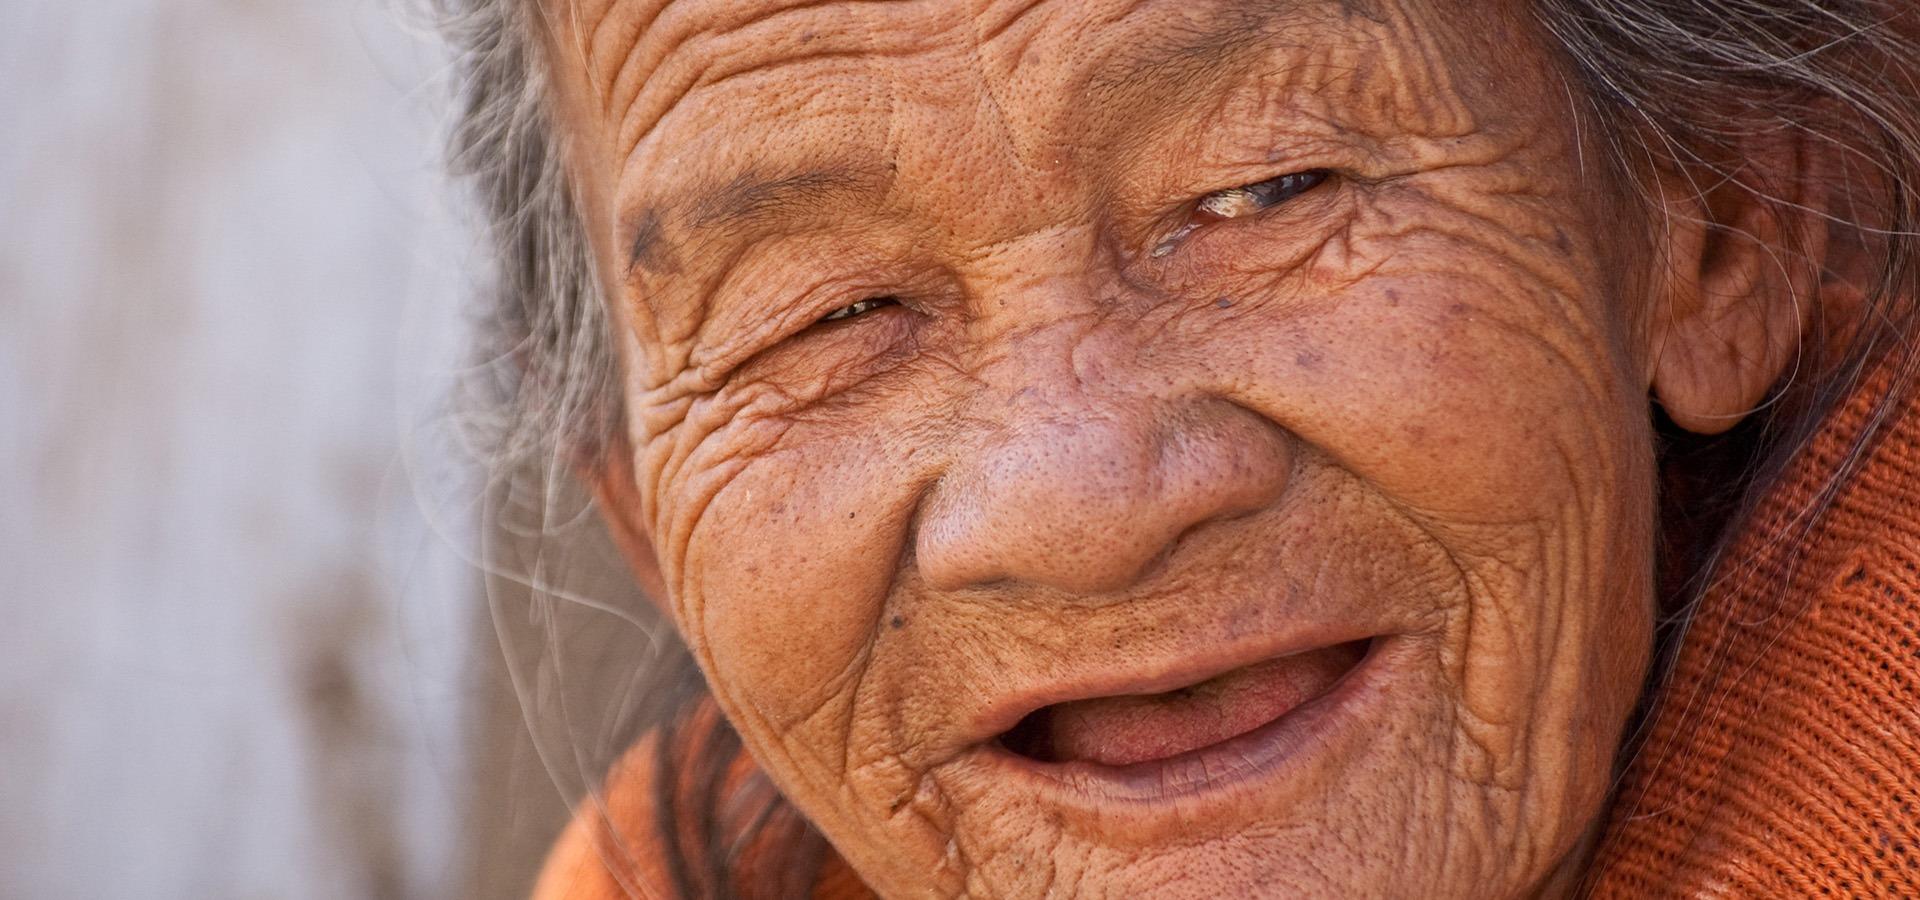 Hjemmehjælp, seniorpleje